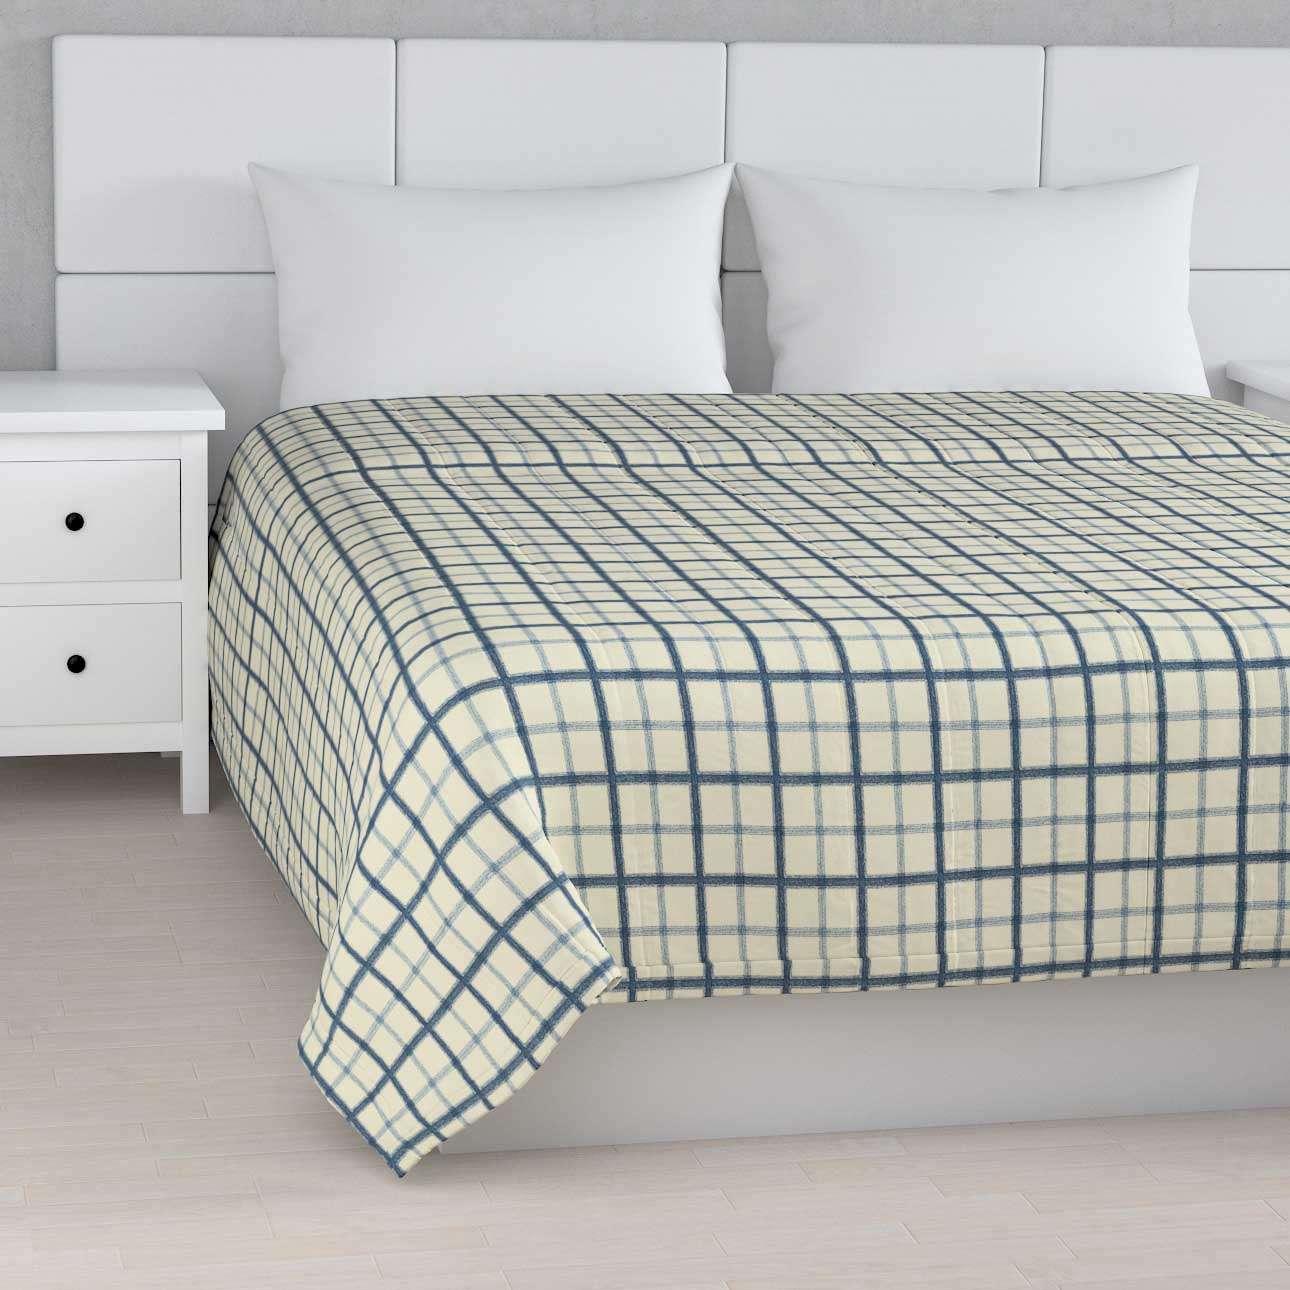 Einfacher Überwurf 260 x 210 cm von der Kollektion Avinon, Stoff: 131-66